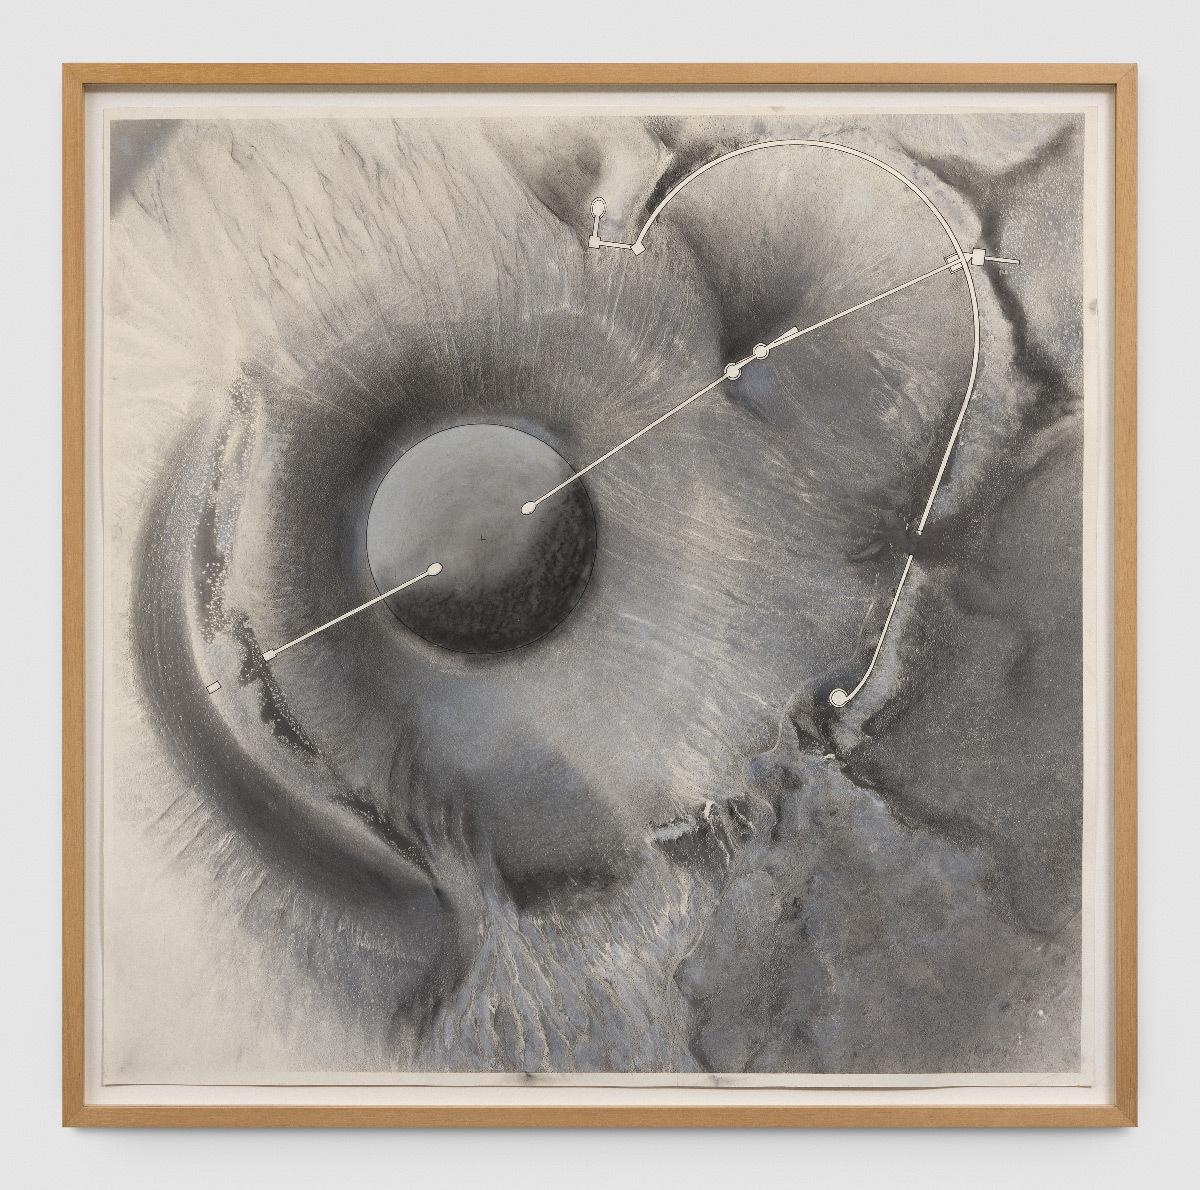 Roden Crater Basic Flour Plans, étude de James Turrell, 1991, 101,7 x 102,7 cm